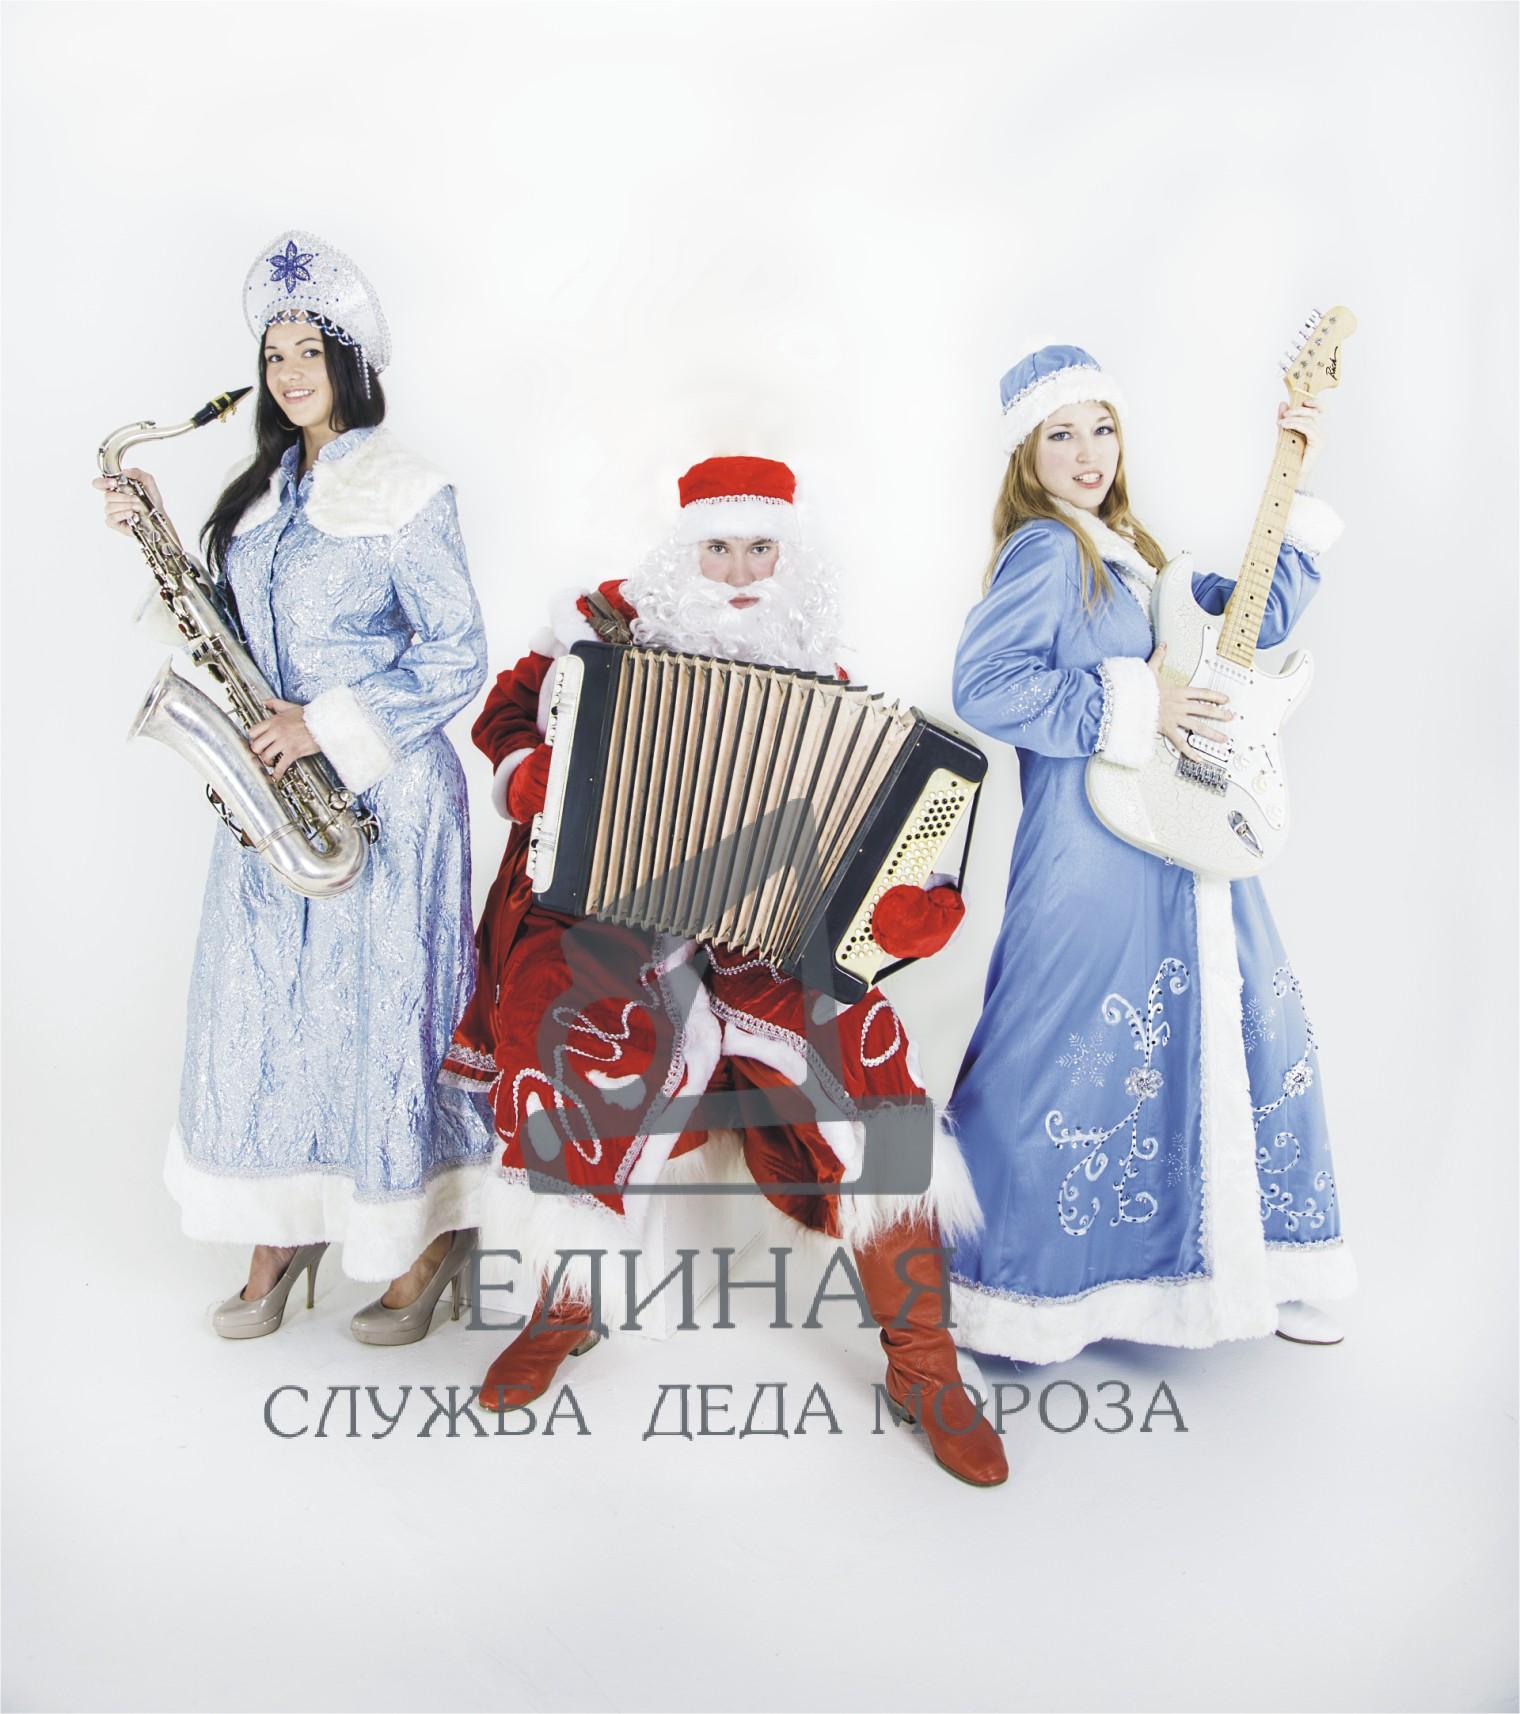 Дед Мороз и Снегурочка - музыканты